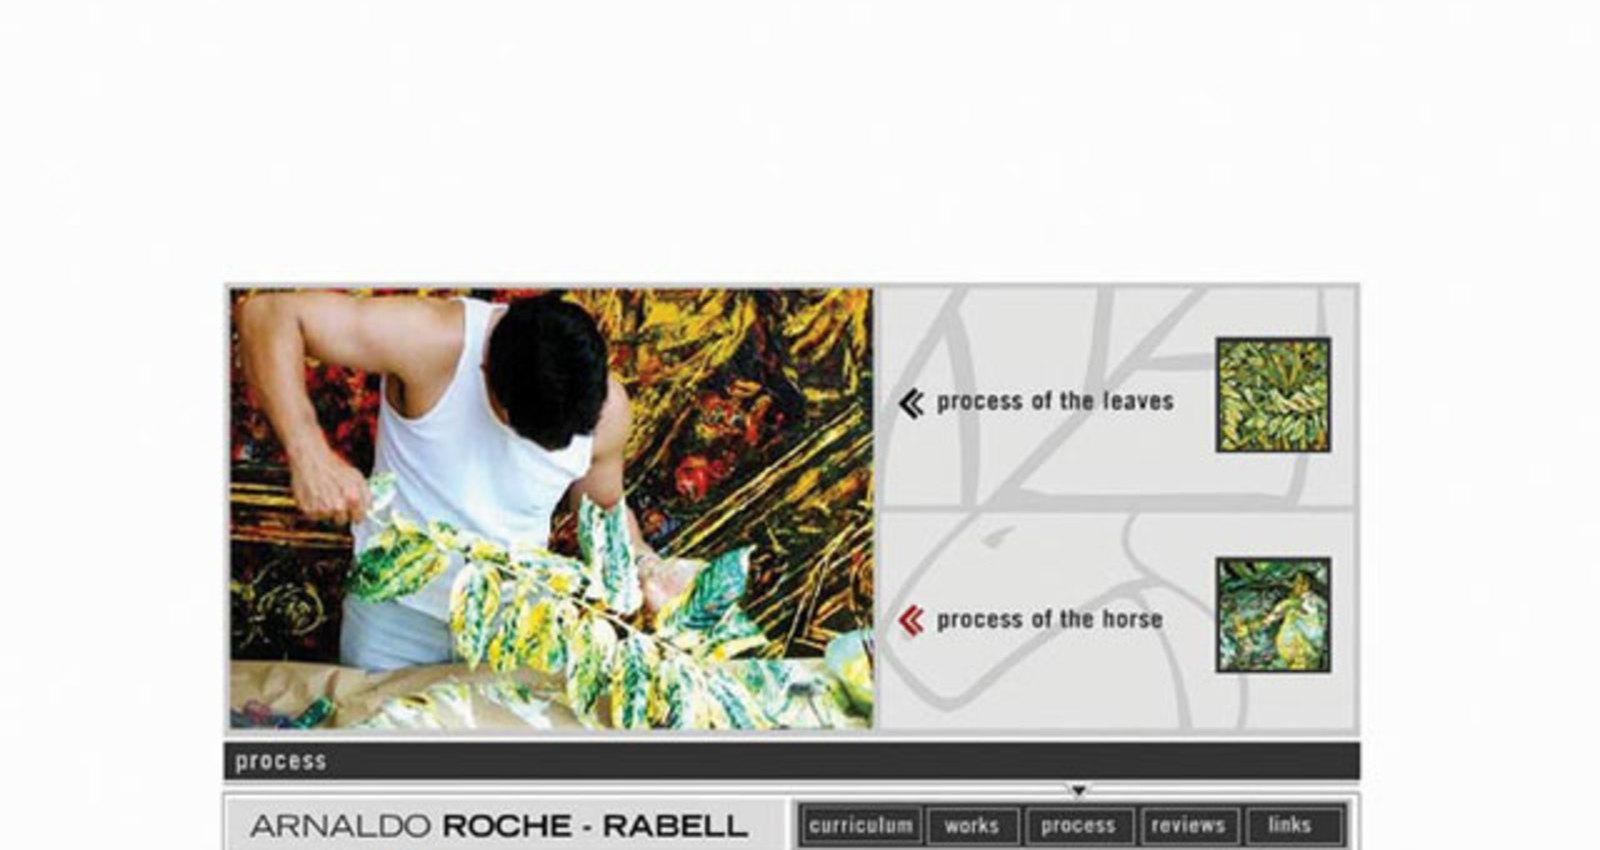 Arnaldo Roche-Rabell